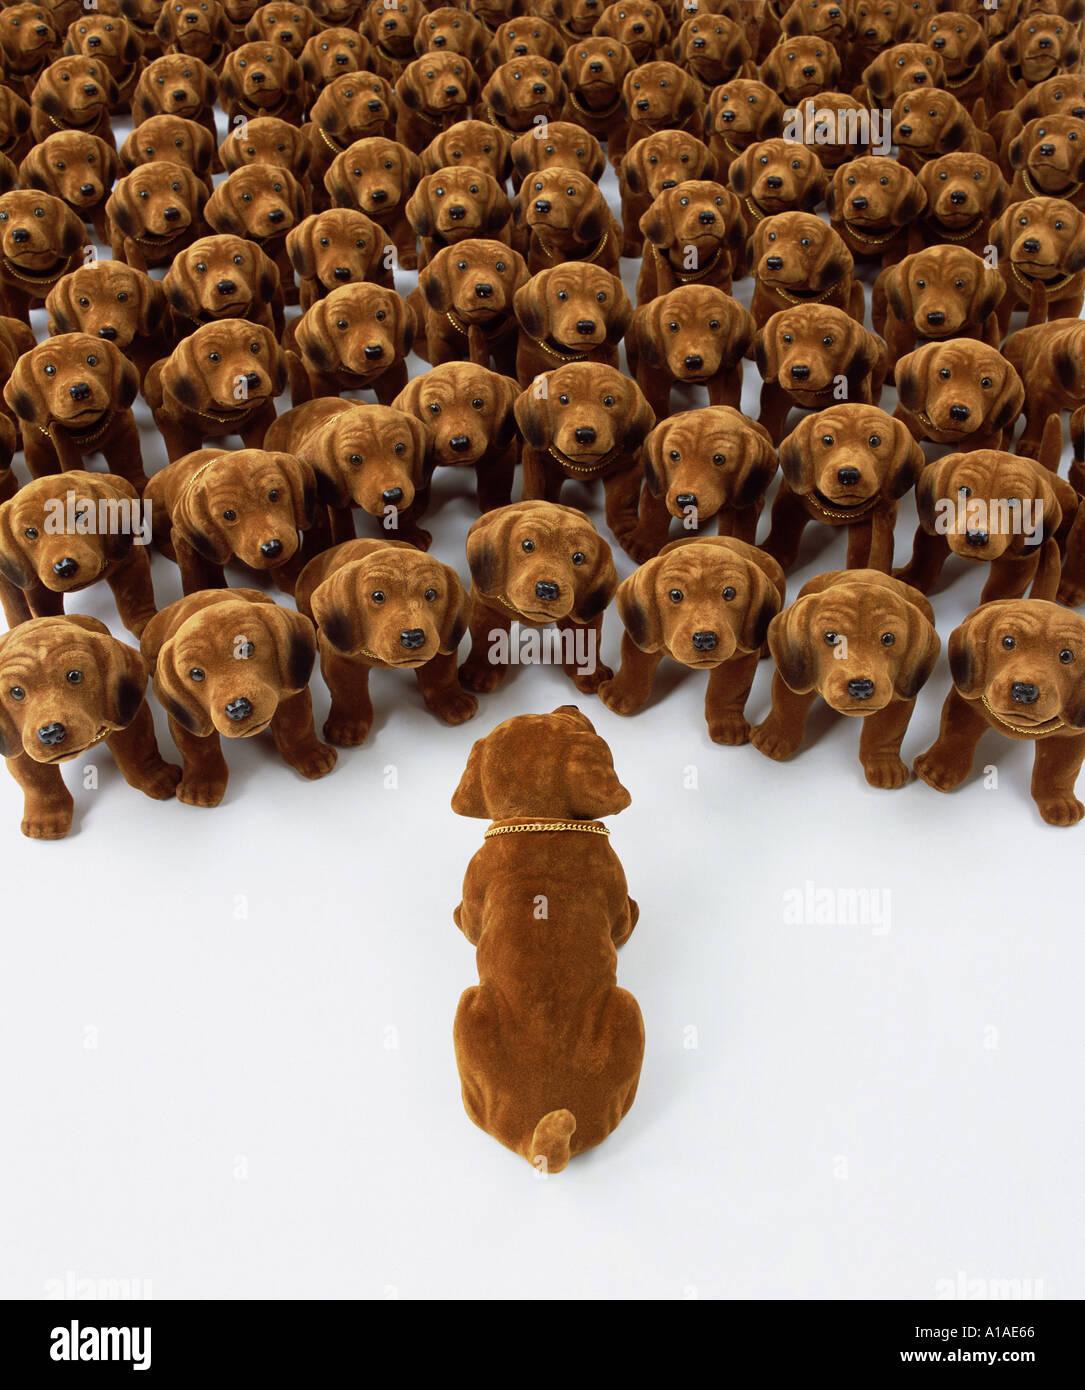 Single nodding dog talking to group of nodding dogs - Stock Image